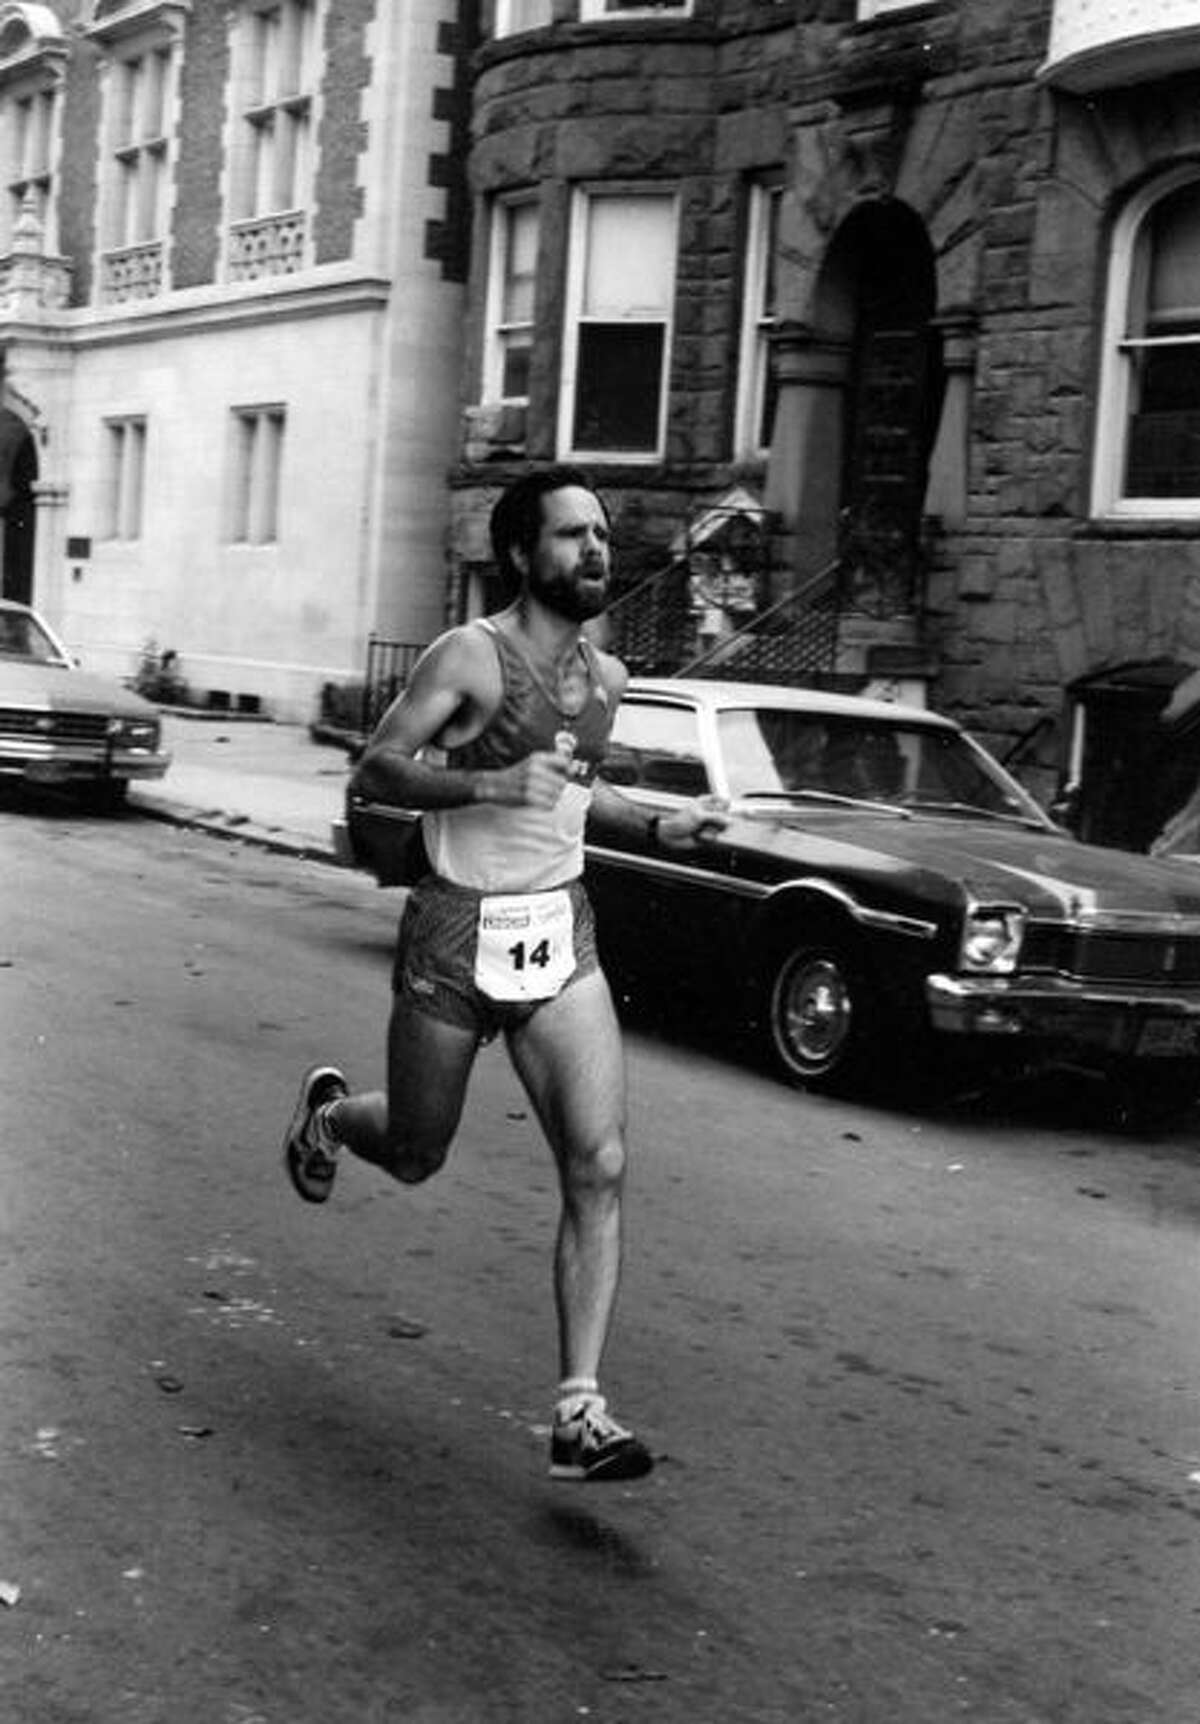 Uzun zamandır Cohoes koşucusu geçen hafta sonu vefat eden Bill Robinson.  (Ed Niles'ın izniyle)